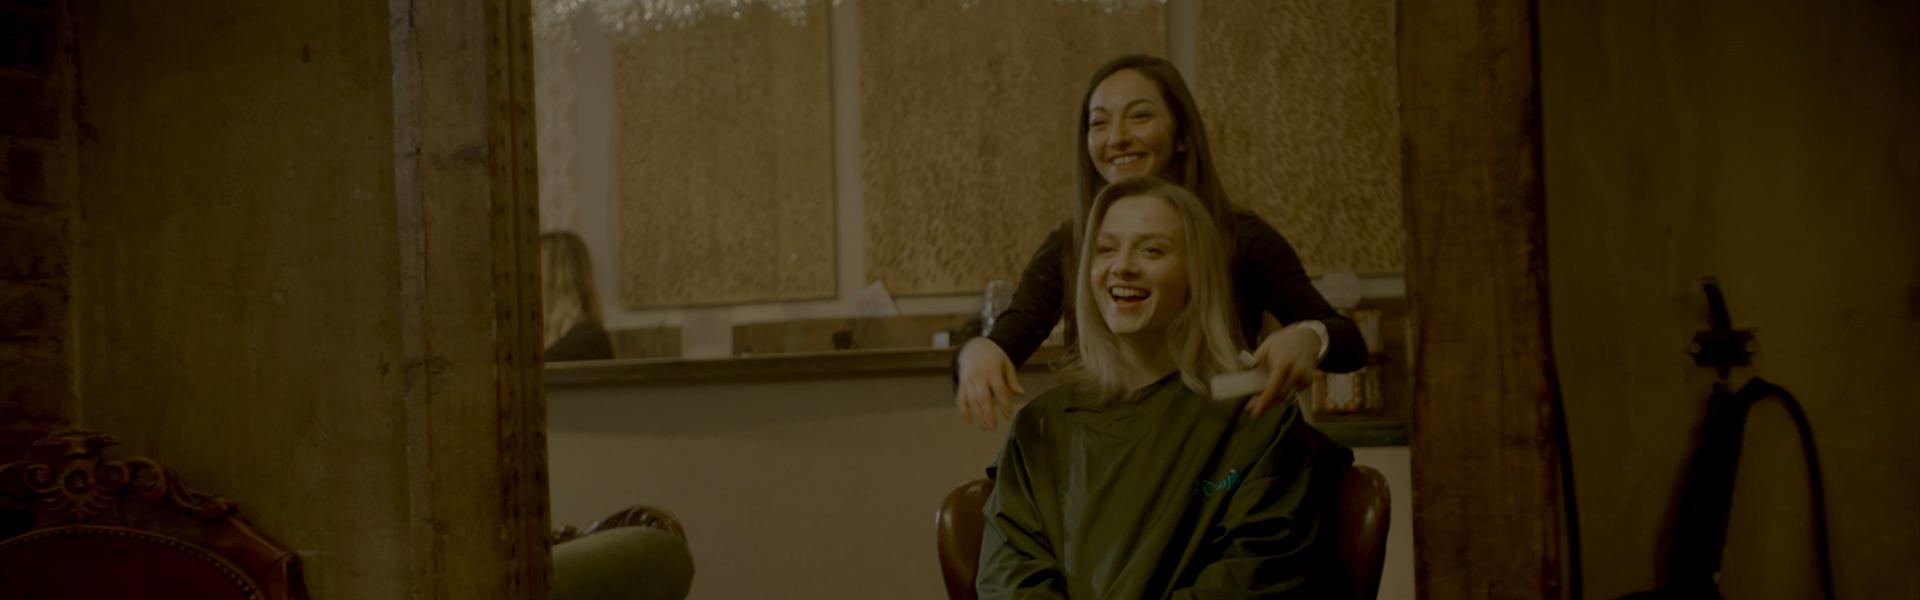 Twee vrouwen in een kapsalon